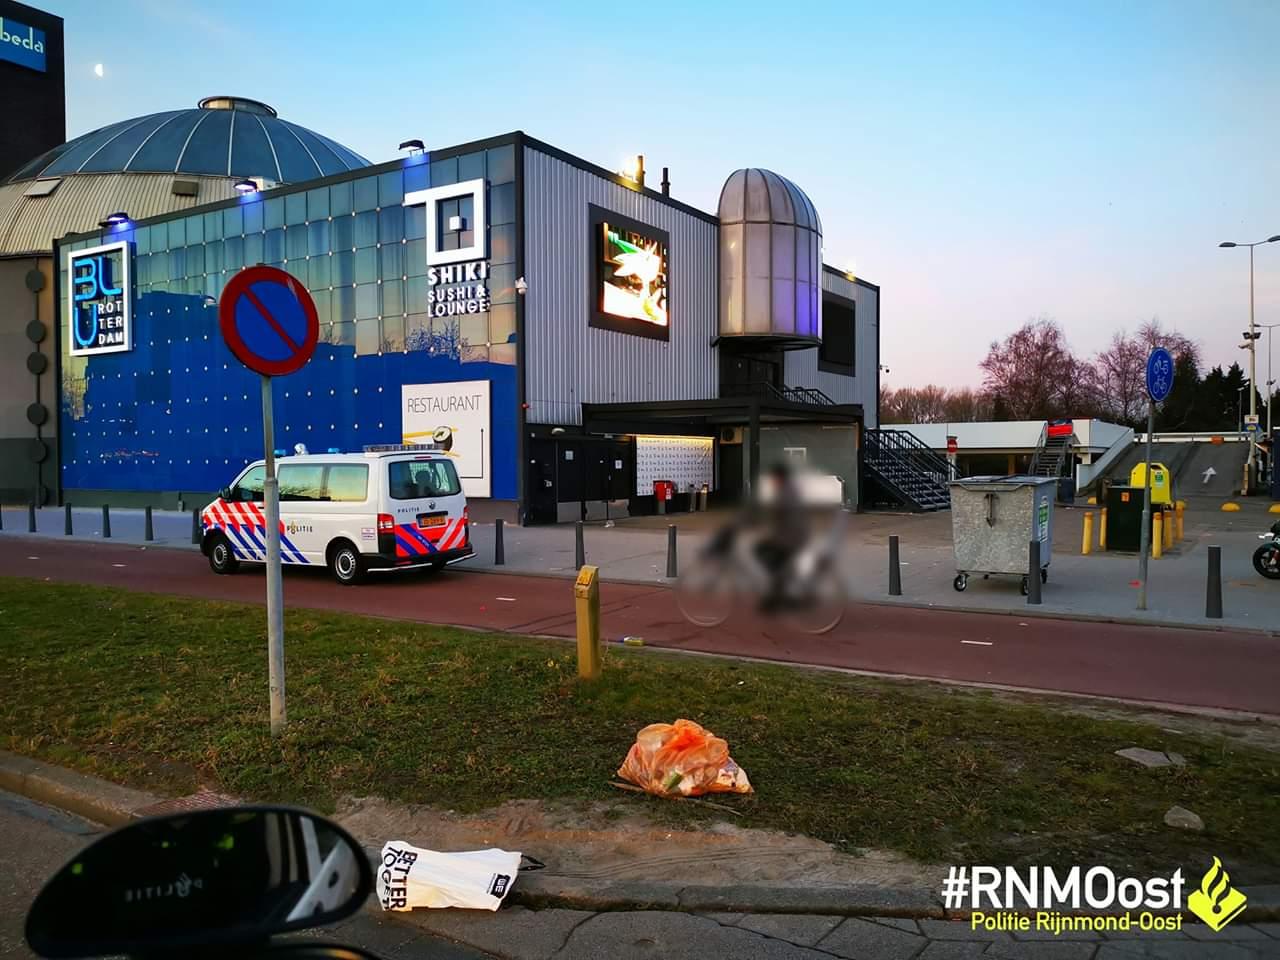 Politie Onderzoekt Melding Schietpartij Nabij Club Blu